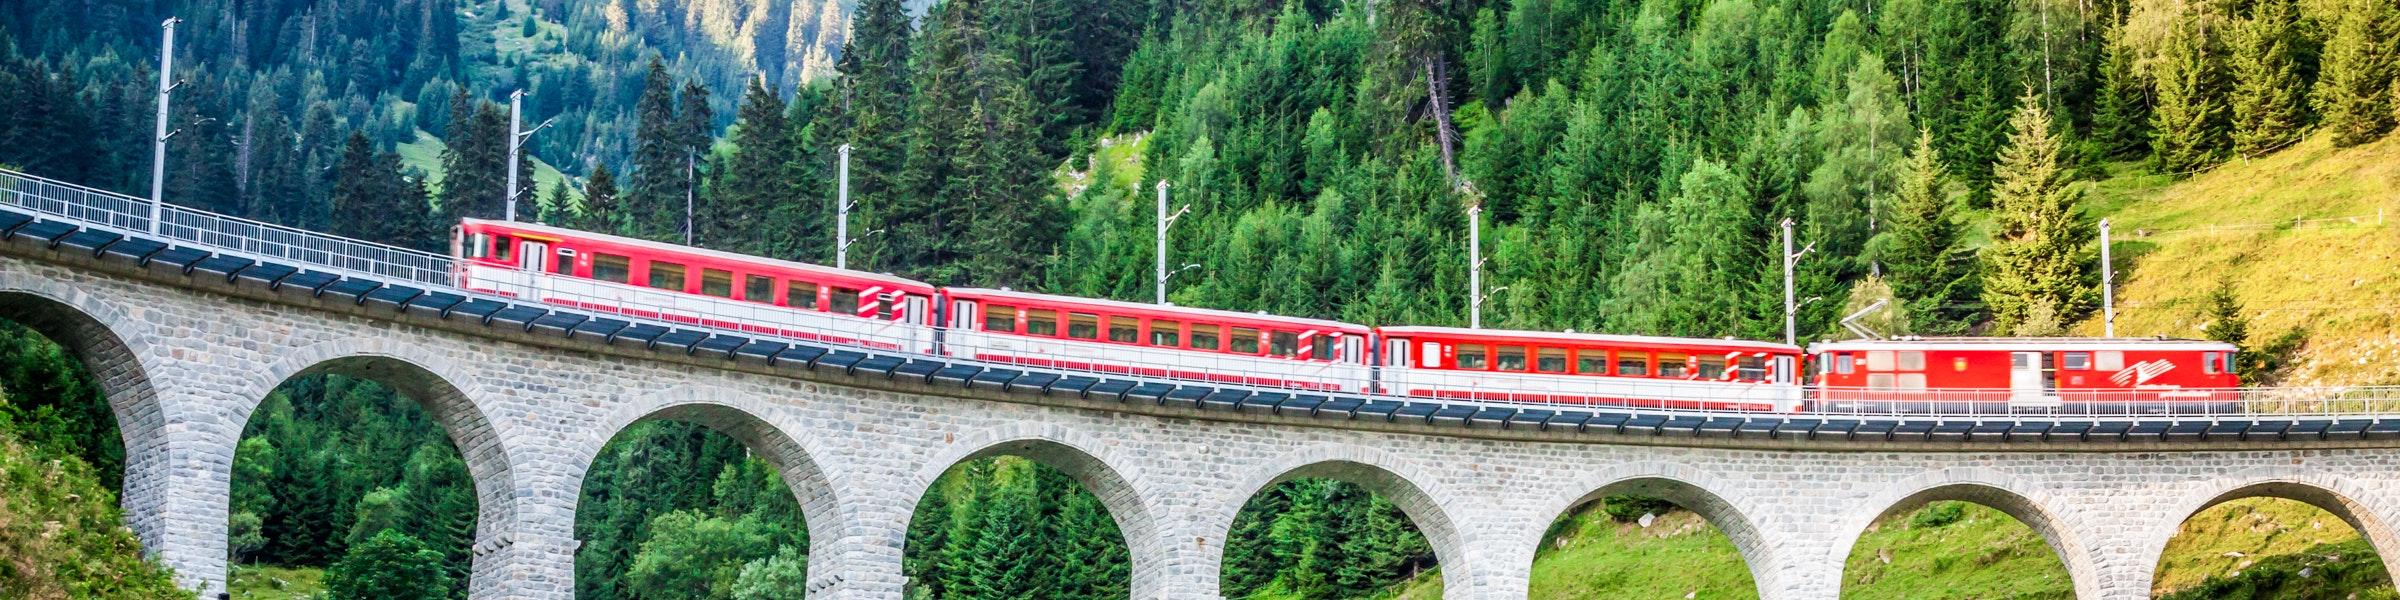 Matterhorn Gotthard train